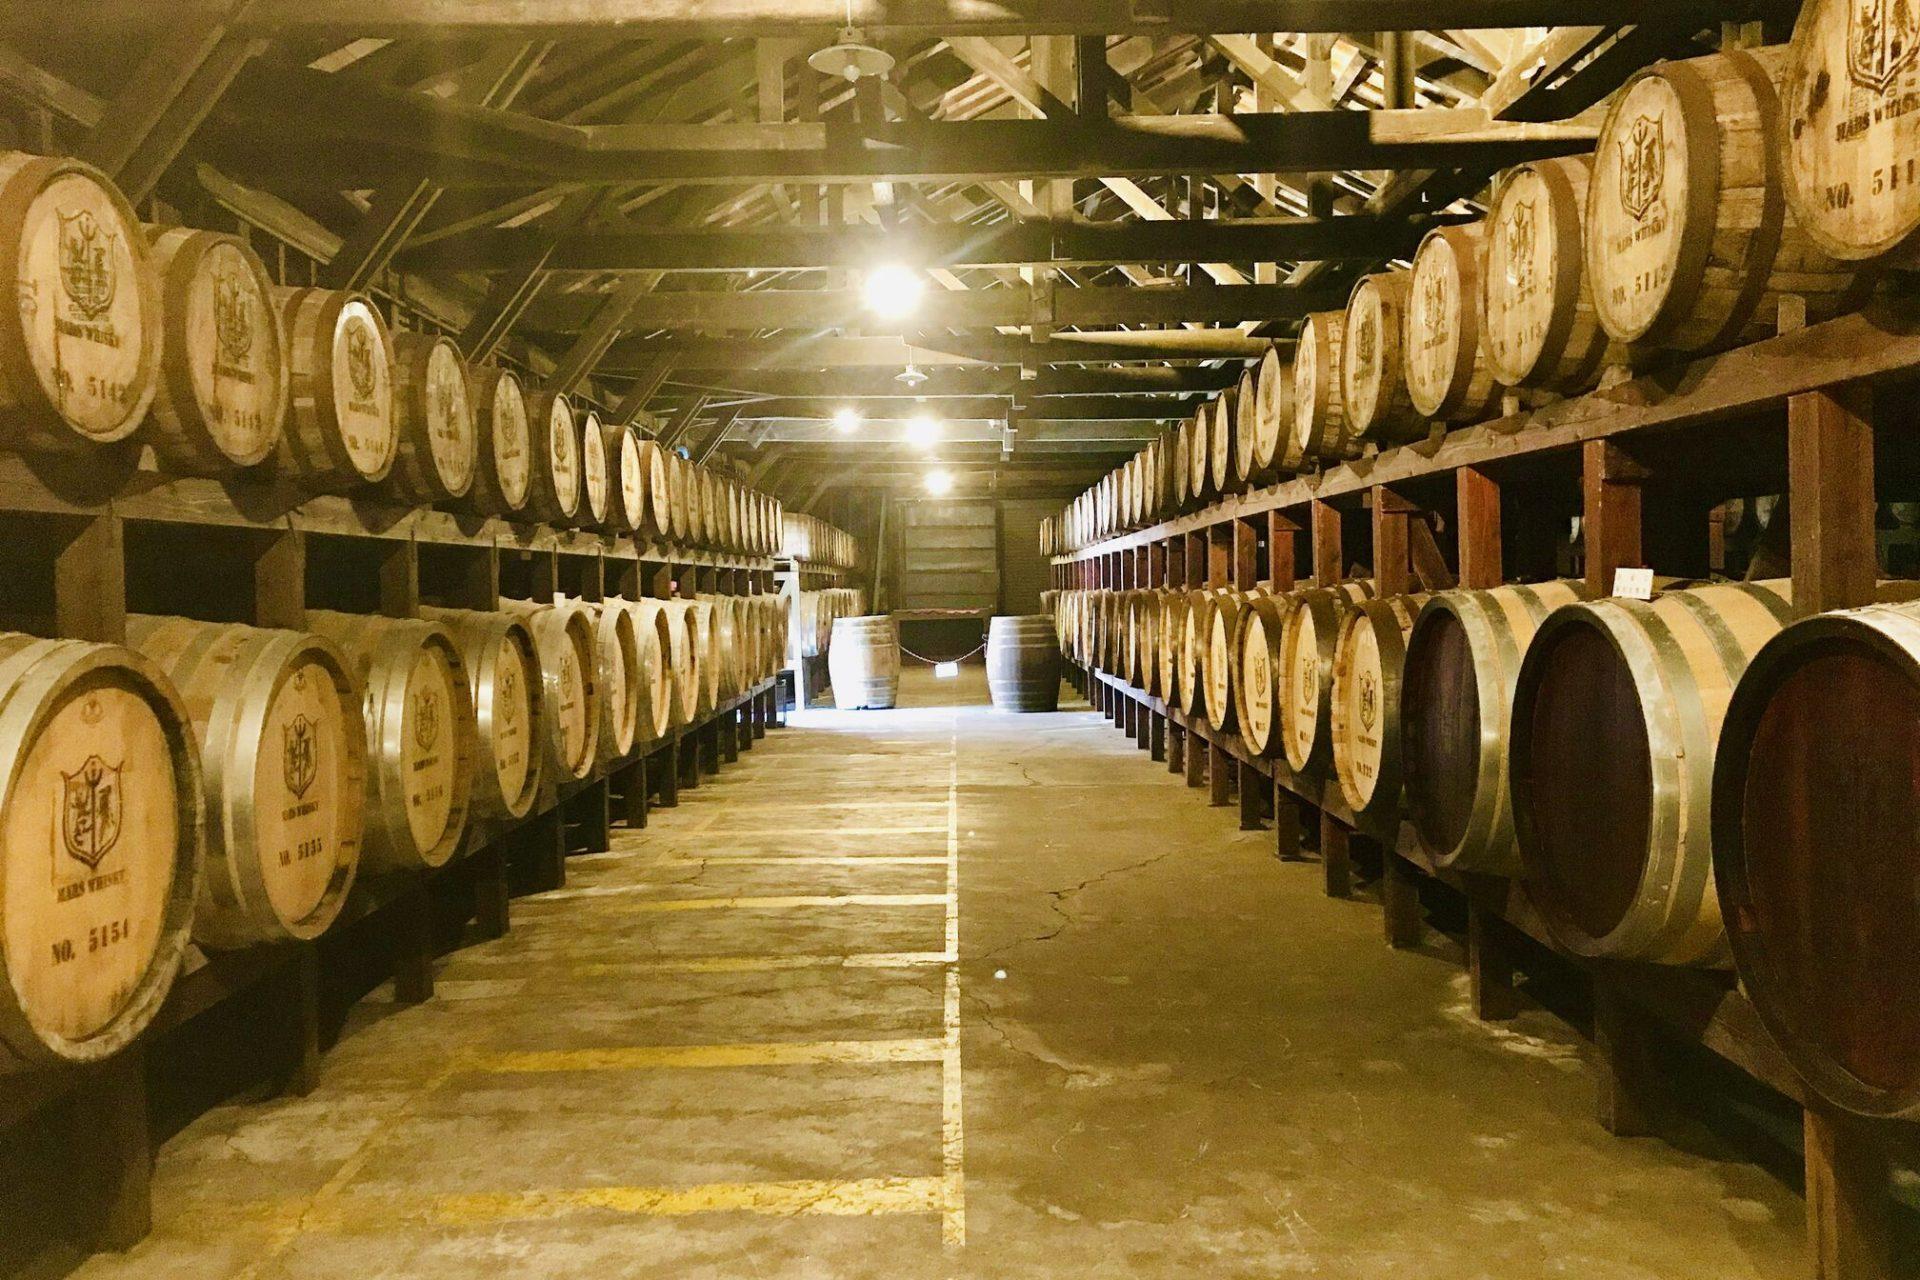 ウイスキー樽 貯蔵庫